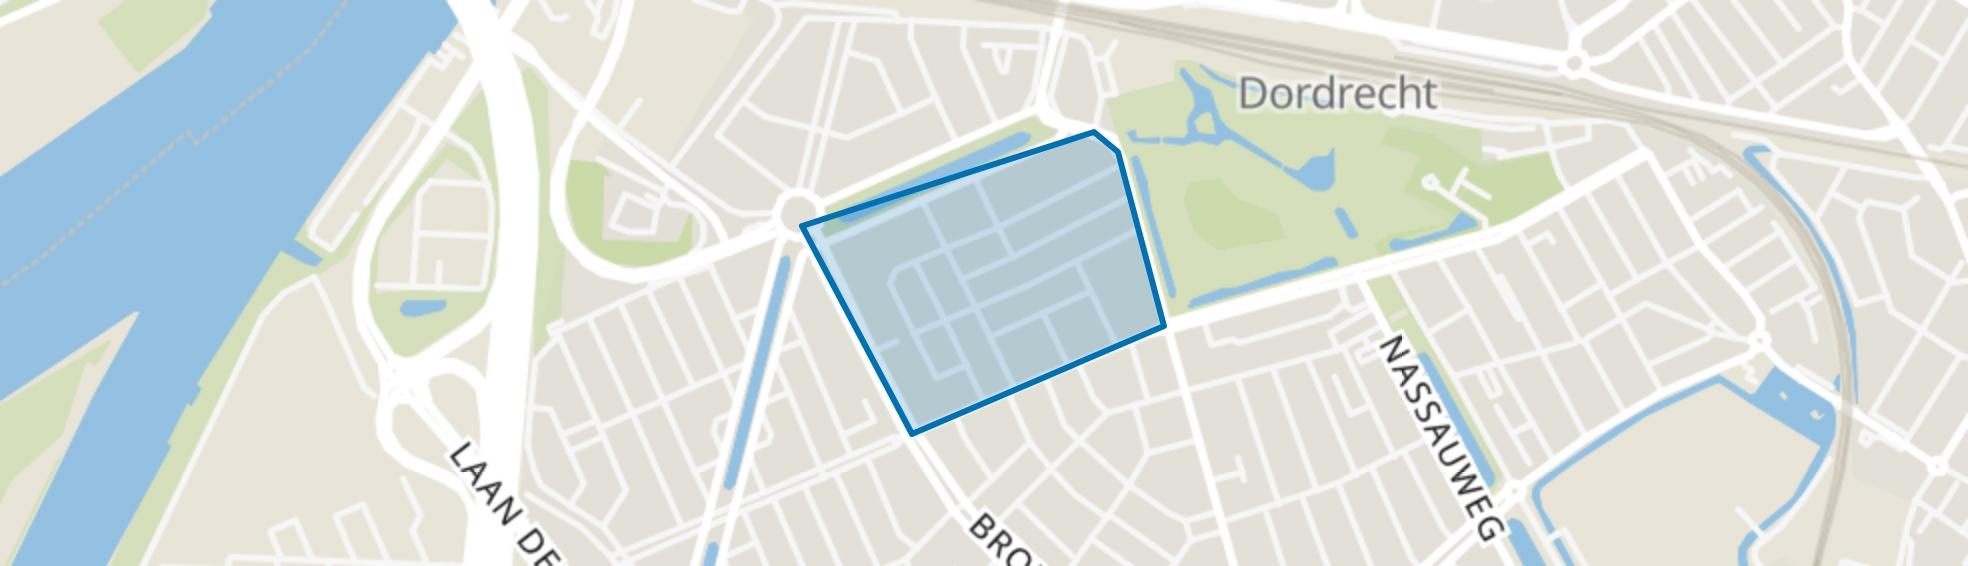 Jacob Catsstraat en omgeving, Dordrecht map